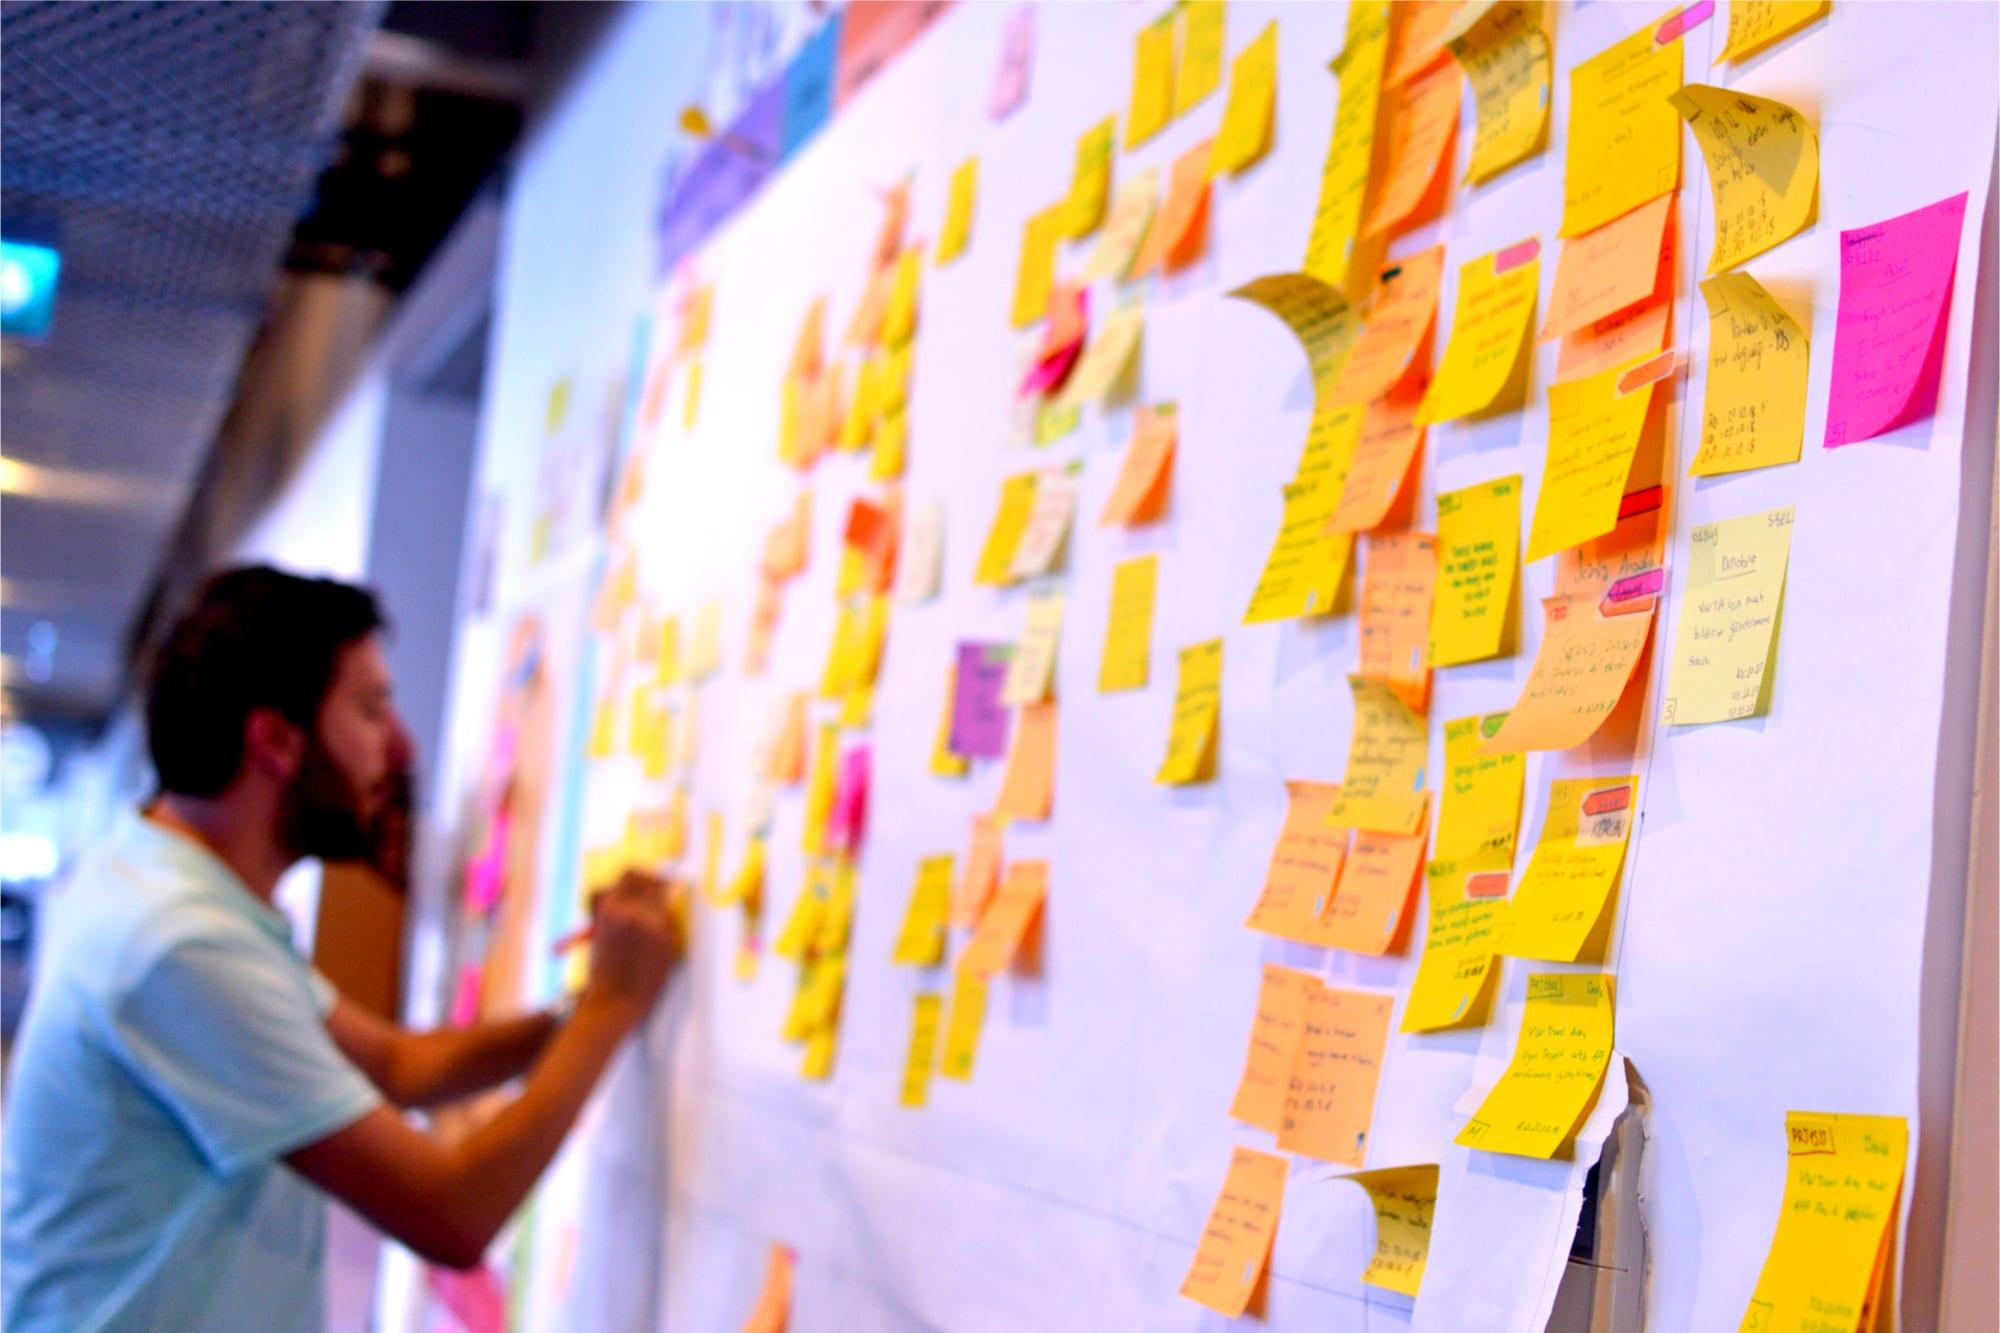 La documentation est un atout pour votre équipe et la valeur de votre marque